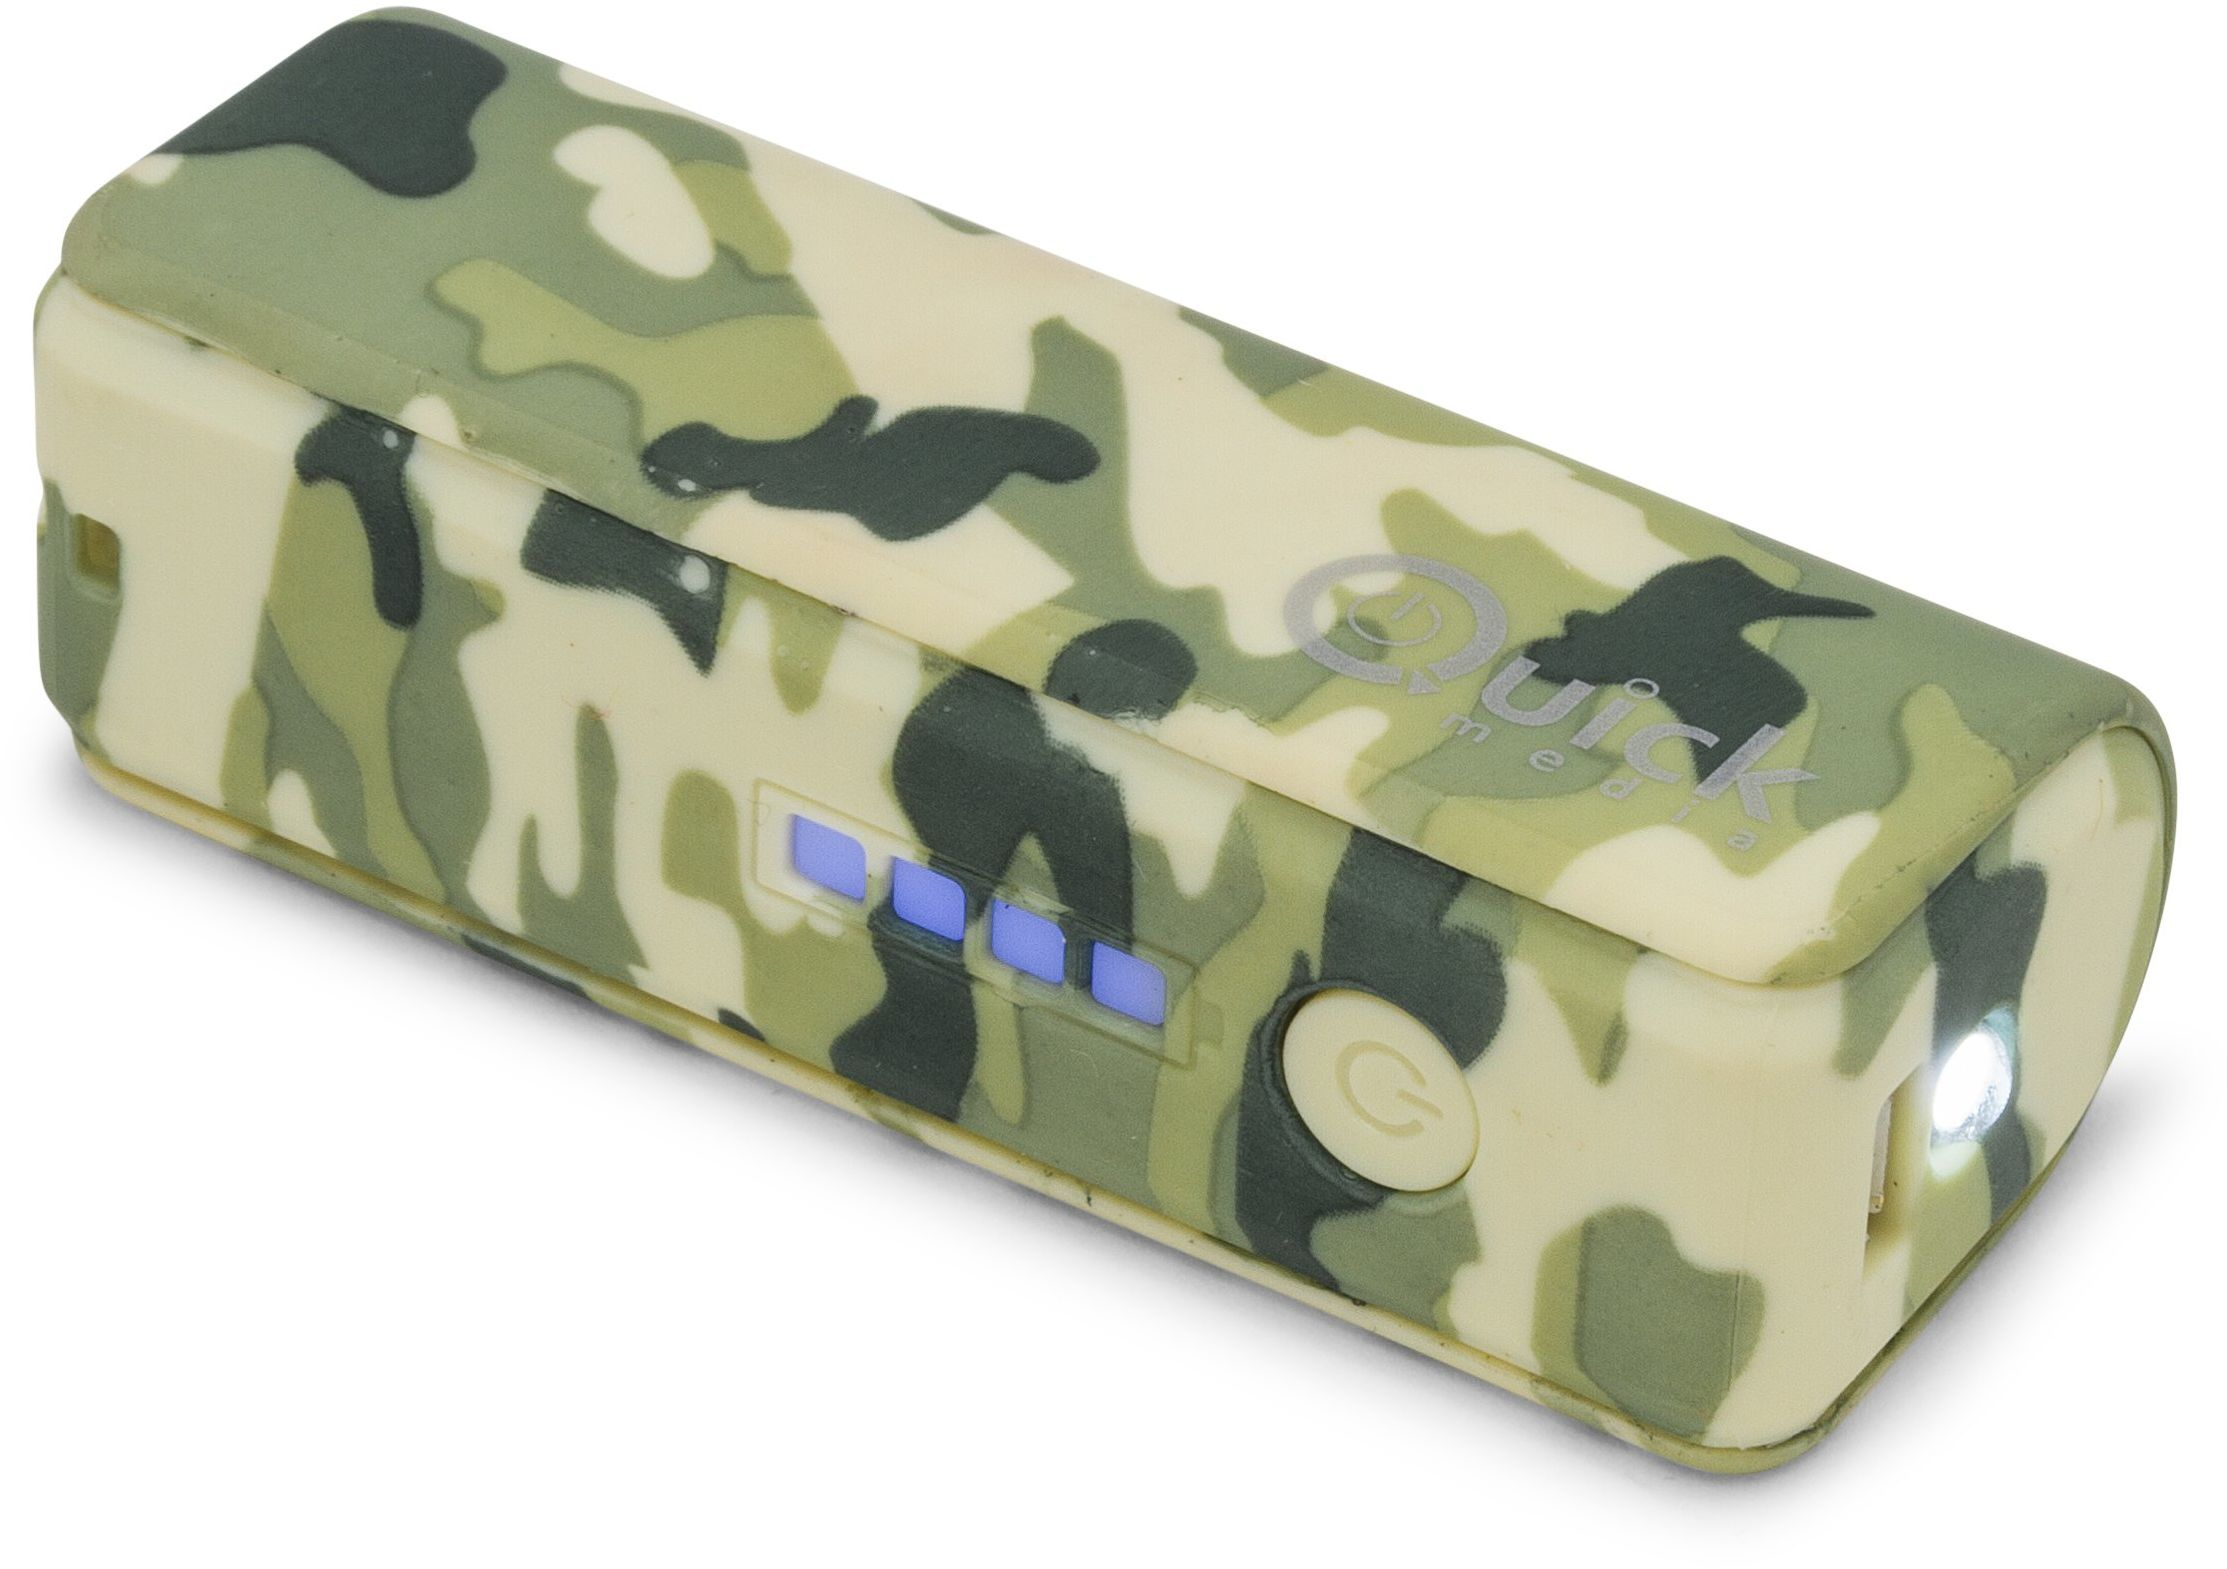 Quick Media  Przenośna ładowarka/Power Bank 2600 mAh z latarką LED i wskaźnikiem obciążenia PB26 Army Design  kolor zielony